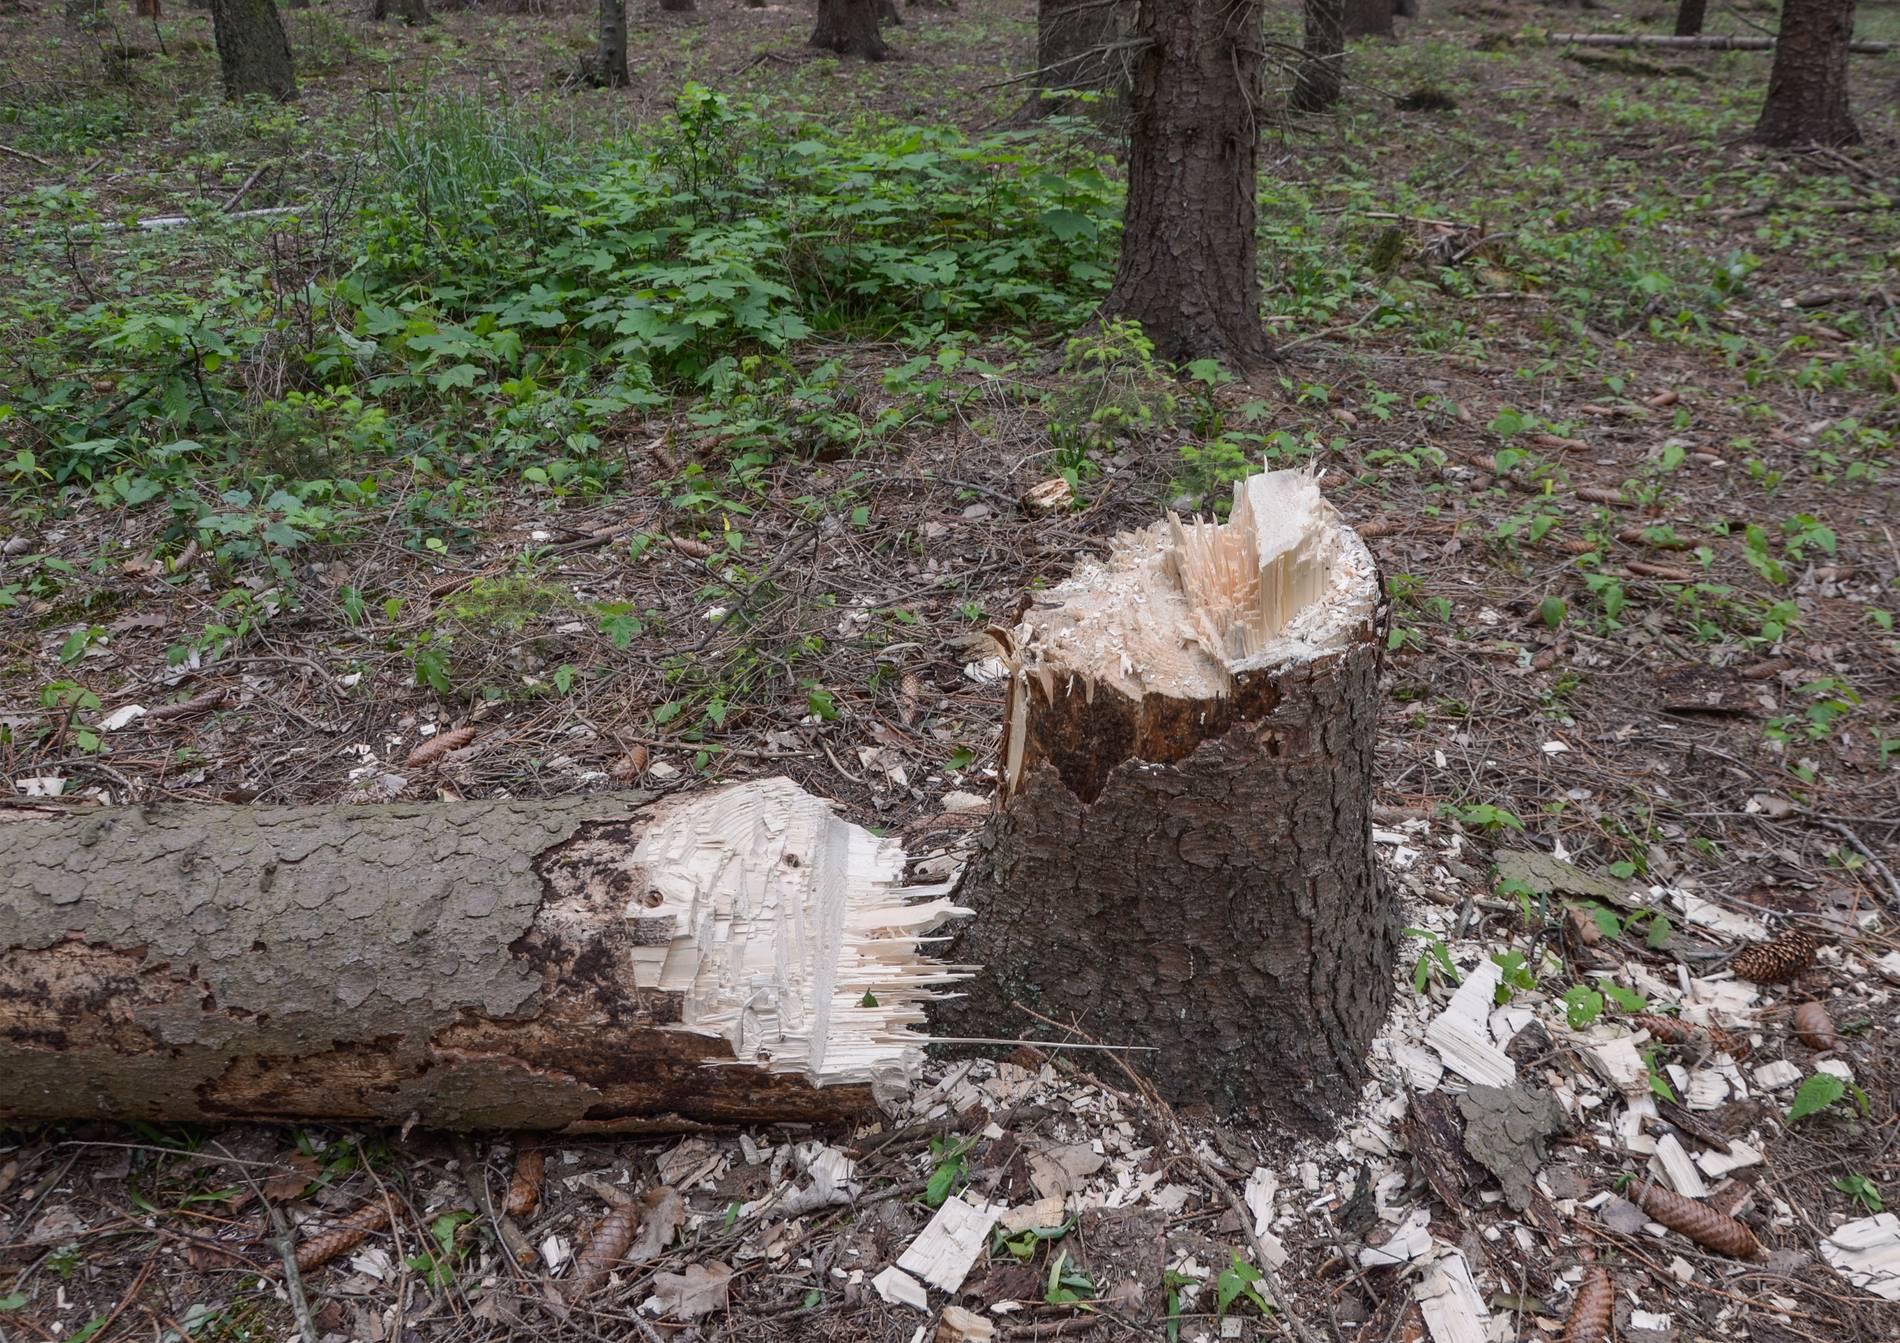 Hambacher Forst Polizei Findet Am Rande Des Waldes Frisch Gefallte Baume